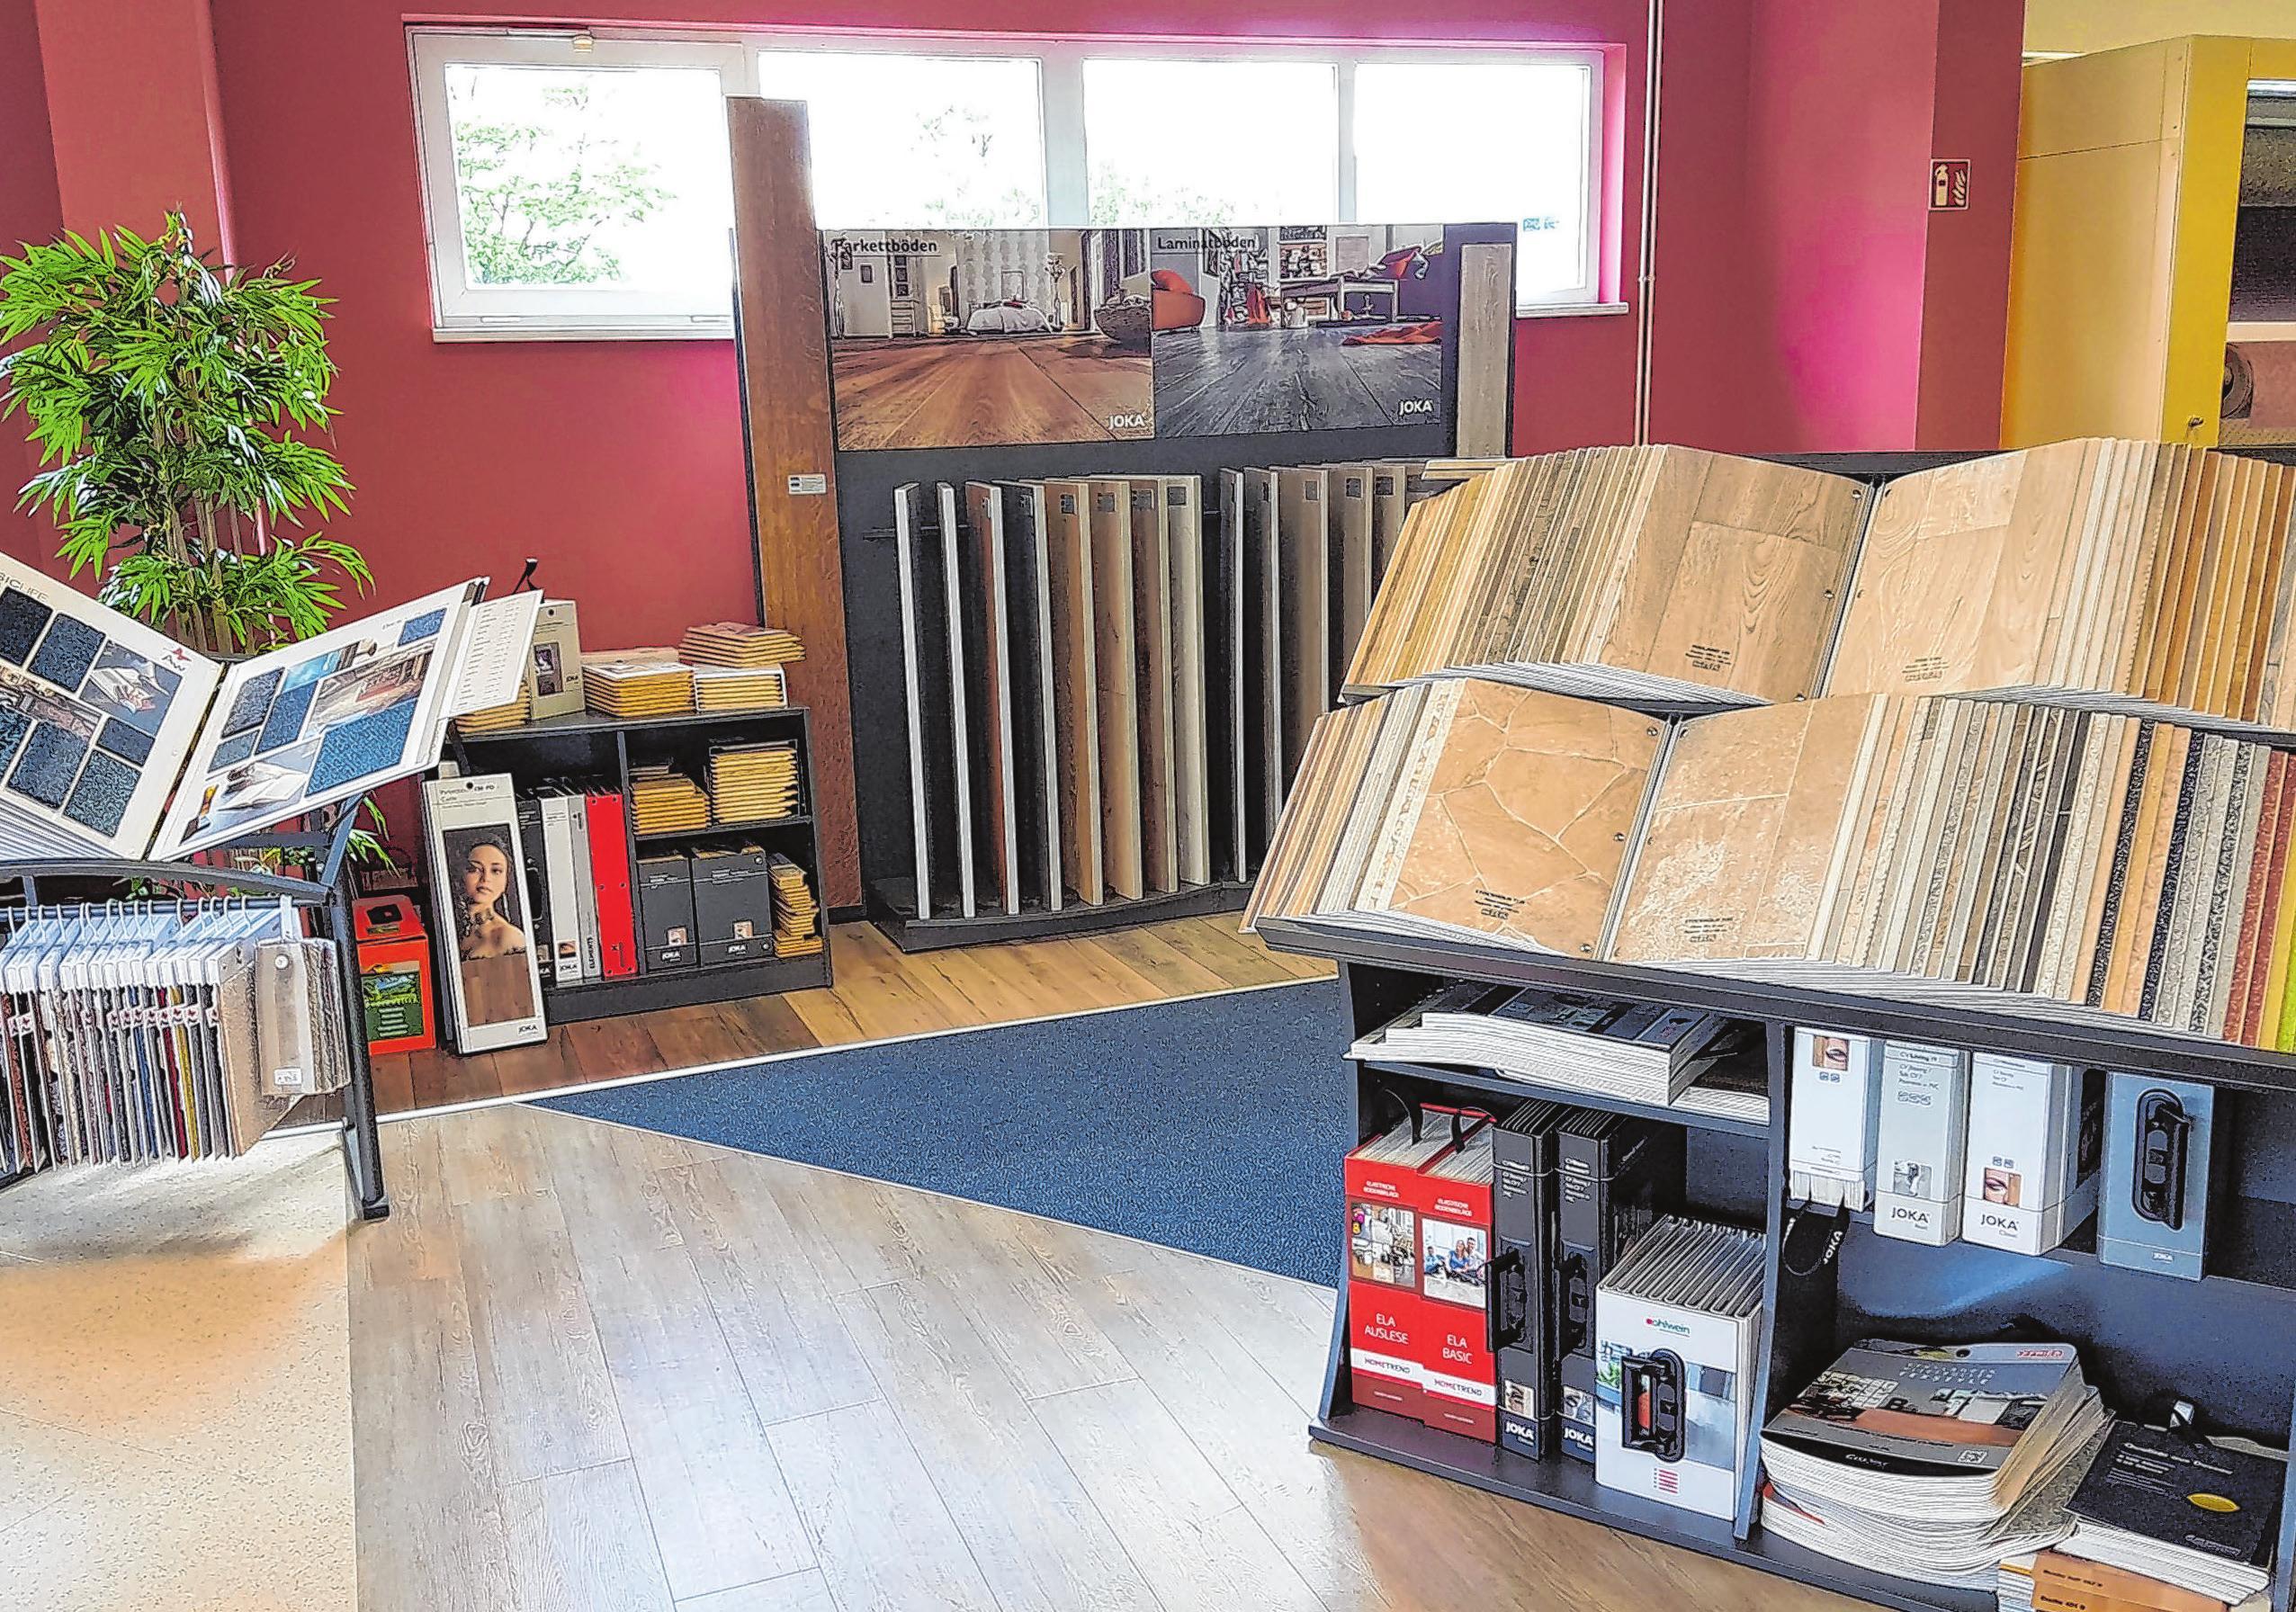 Ein kleiner Einblick in die großen Verkaufsräume der Firma Prewena GmbH, die auf die Verlegung von Bodenbelägen aller Art spezialisiert ist.